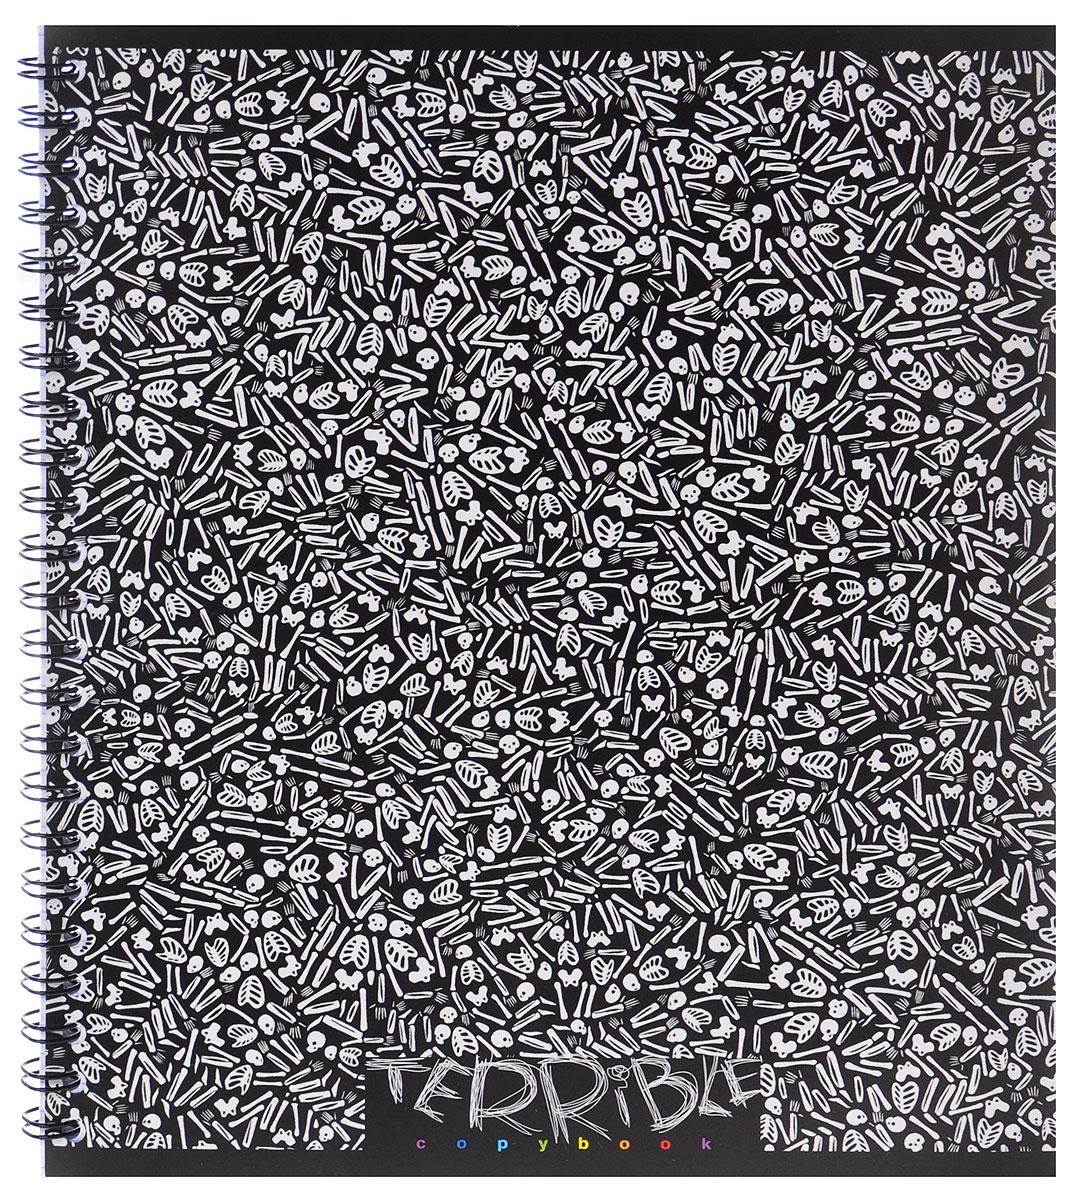 Полиграфика Тетрадь Terrible Book 60 листов в клетку35637_черный, скелетыТетрадь в клетку Полиграфика Terrible Book представлена в формате А5 в черно-белом картонном переплете. Внутренний блок состоит из 60 листов со стандартной линовкой в клетку без полей на металлическом гребне. Такое практичное и надежное крепление позволяет отрывать листы и полностью открывать тетрадь на столе. Вне зависимости от профессии и рода деятельности у человека часто возникает потребность сделать какие-либо заметки. Именно поэтому всегда удобно иметь эту тетрадь под рукой, особенно если вы творческая личность и постоянно генерируете новые идеи.